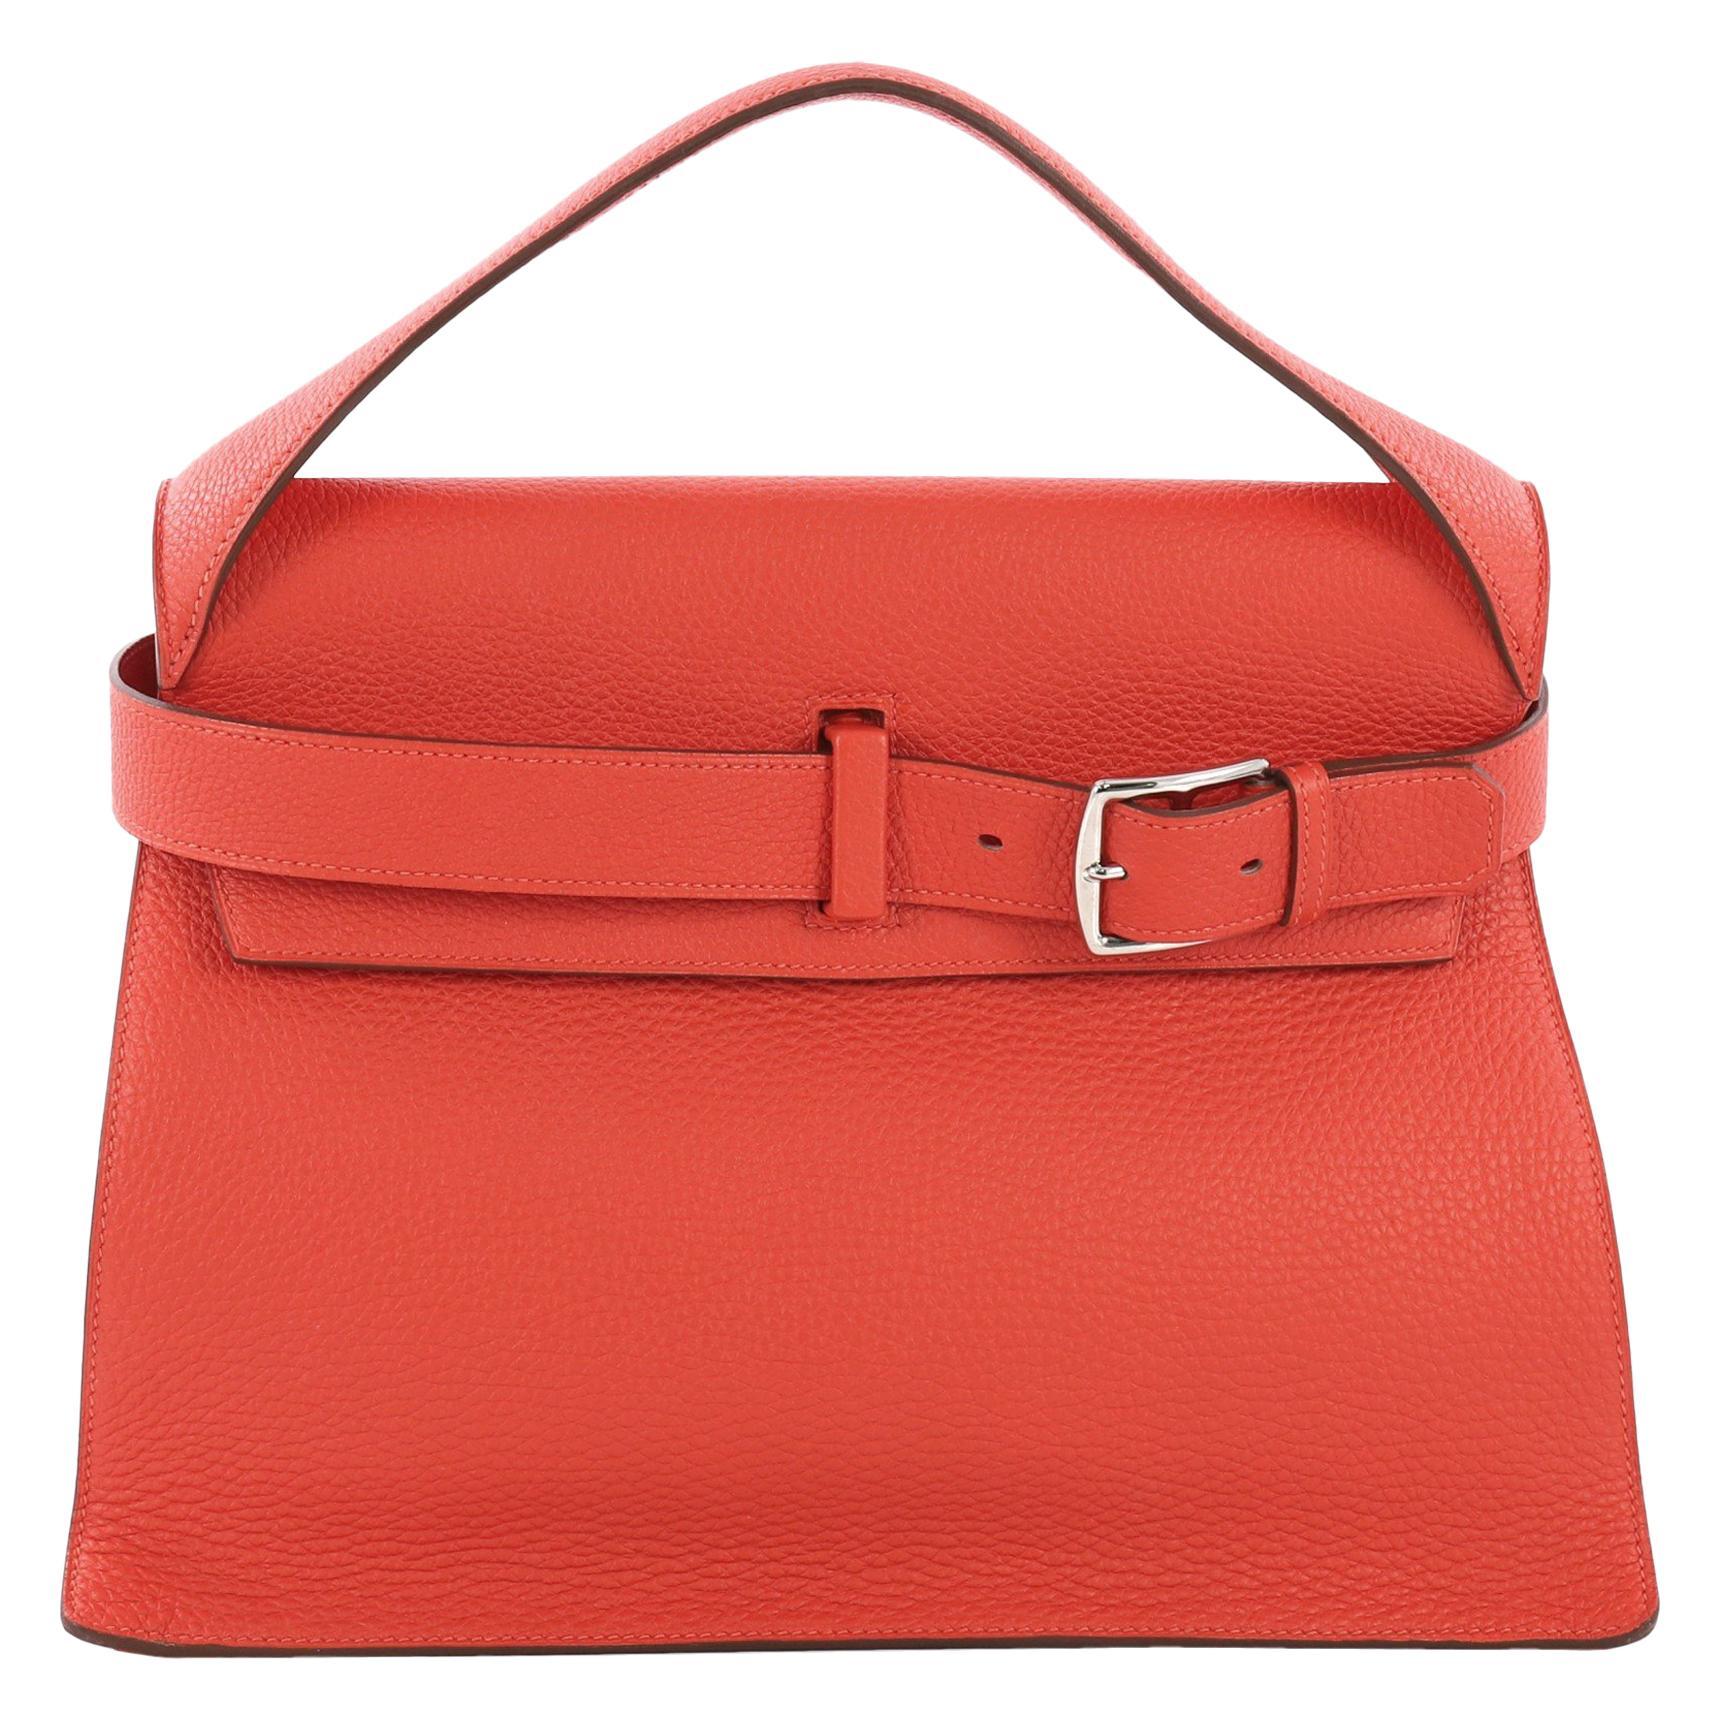 b37bb4f49c Hermes 30cm Red Birkin Bag For Sale at 1stdibs